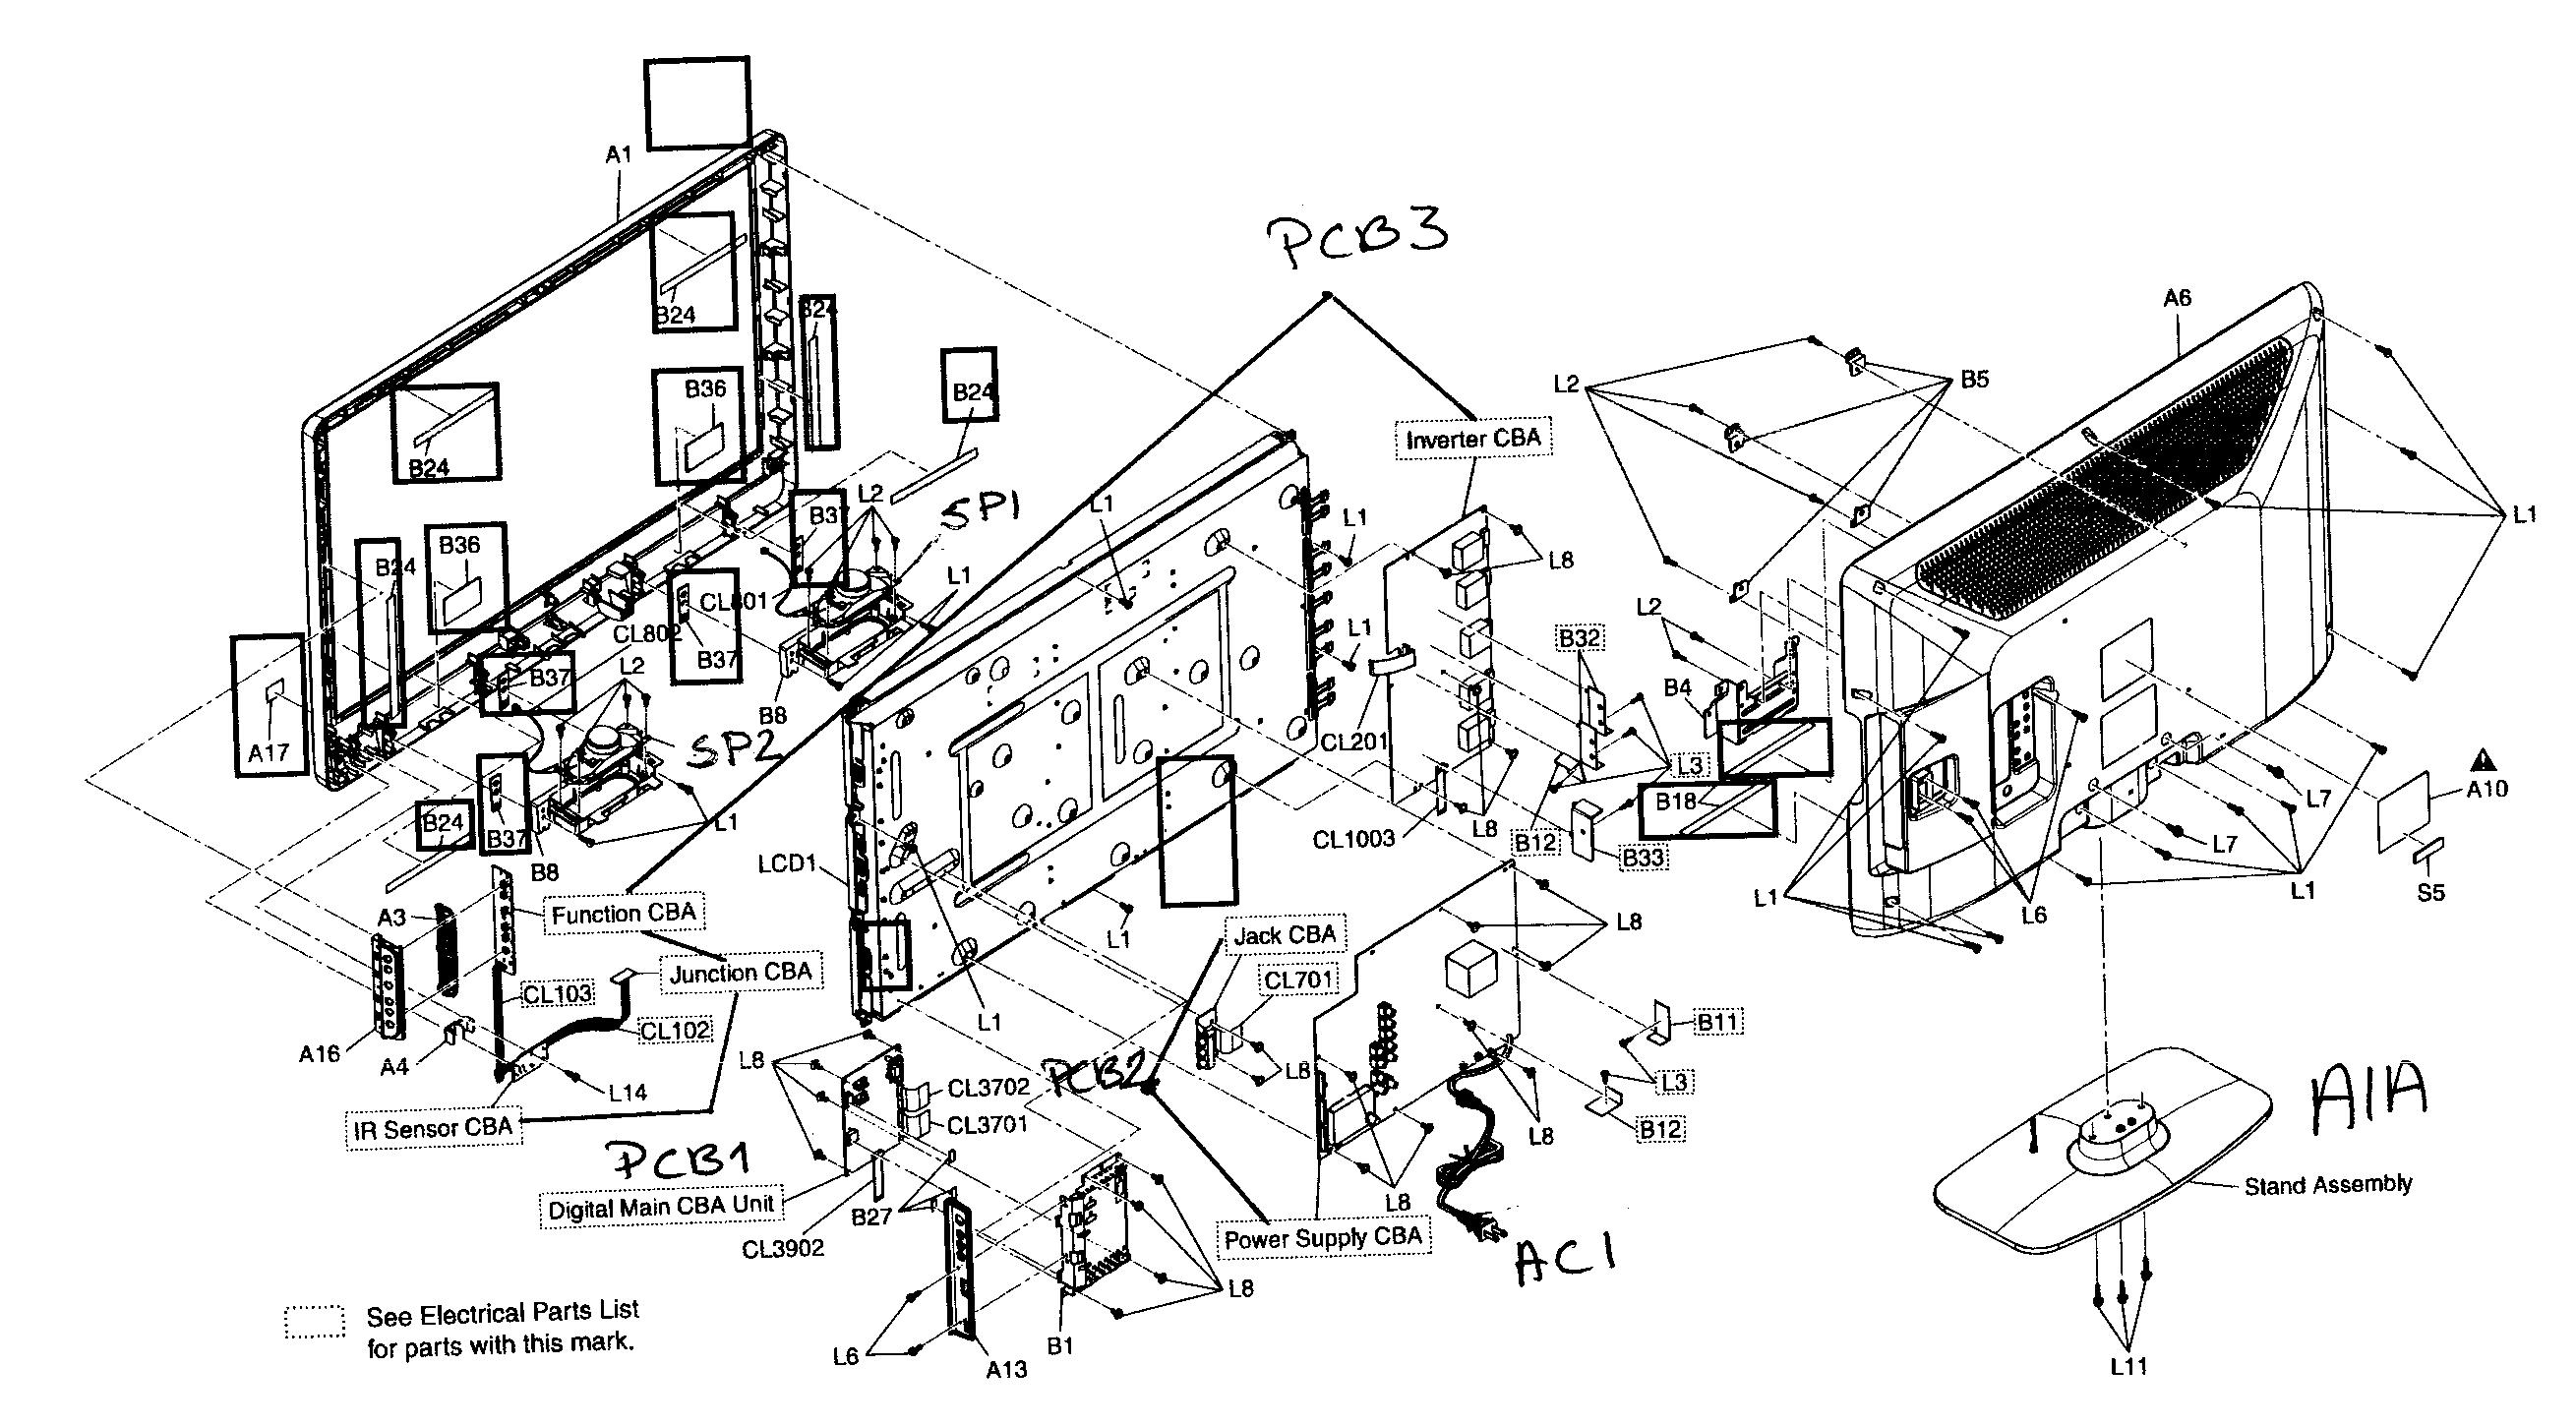 philips tv diagram